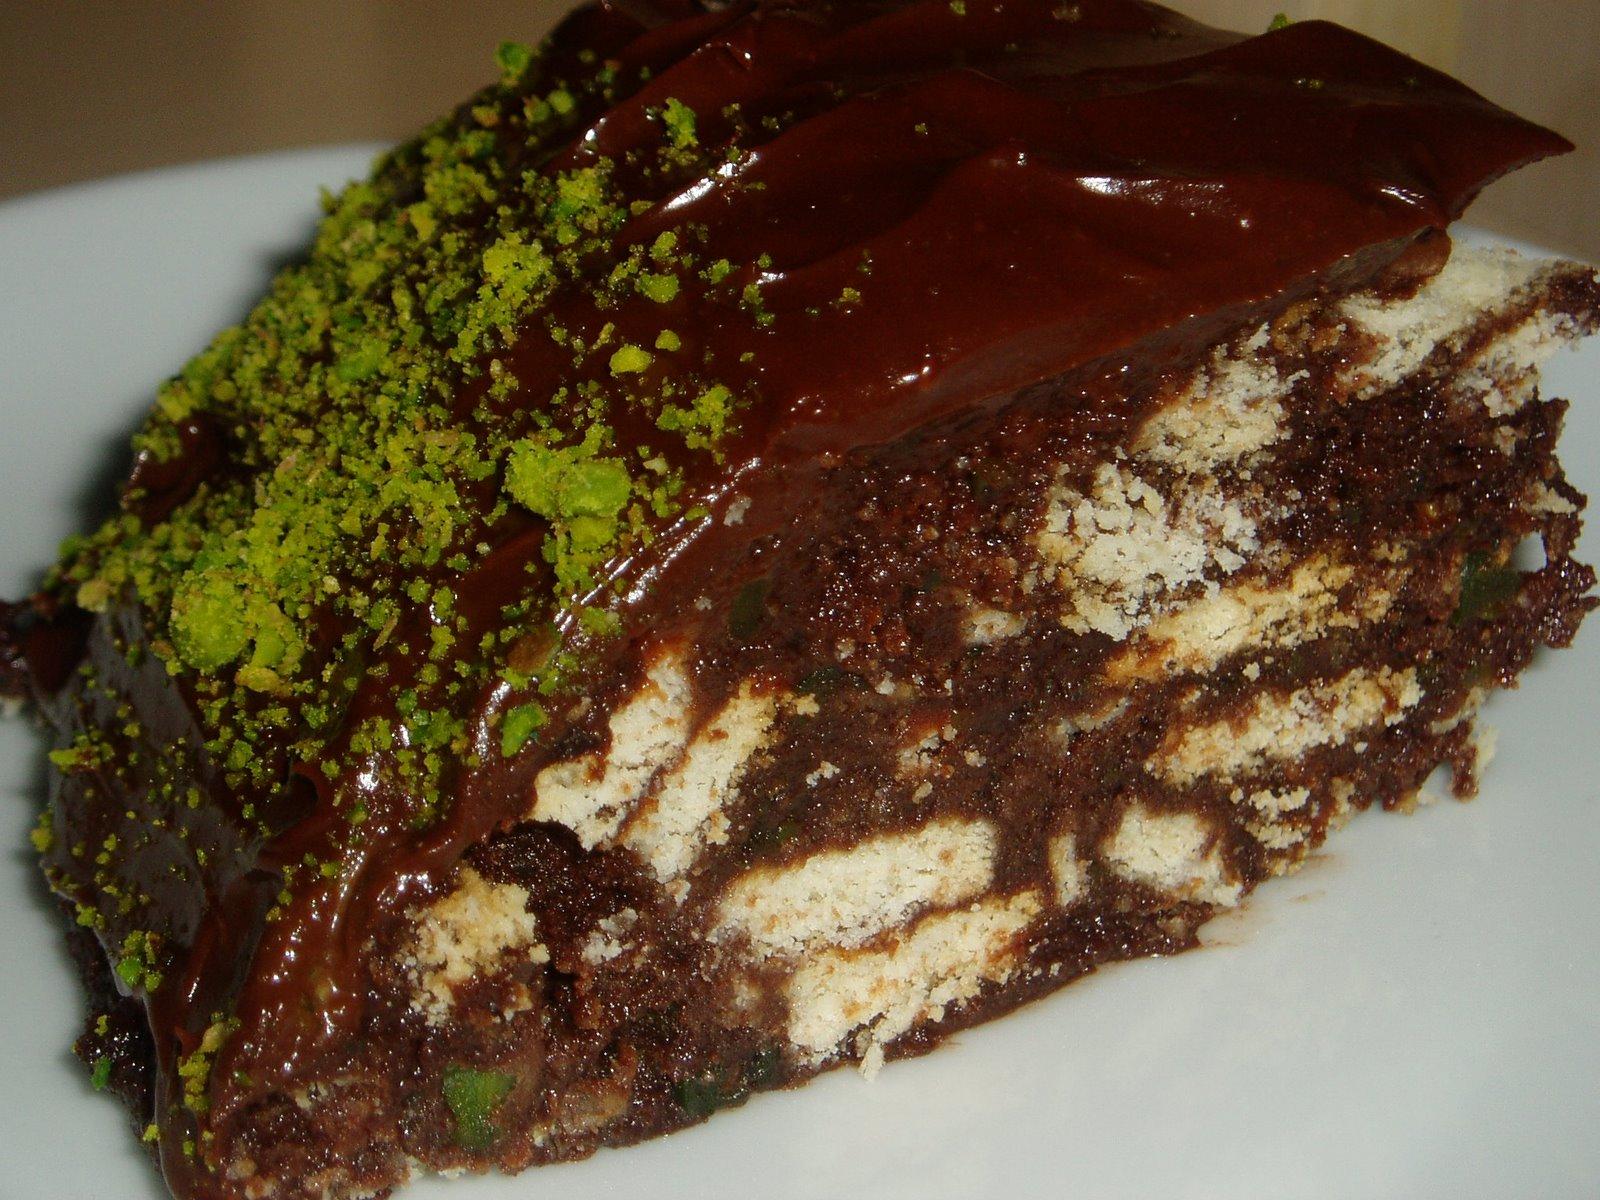 Antep Fıstıklı Mozaik Pasta Tarifi